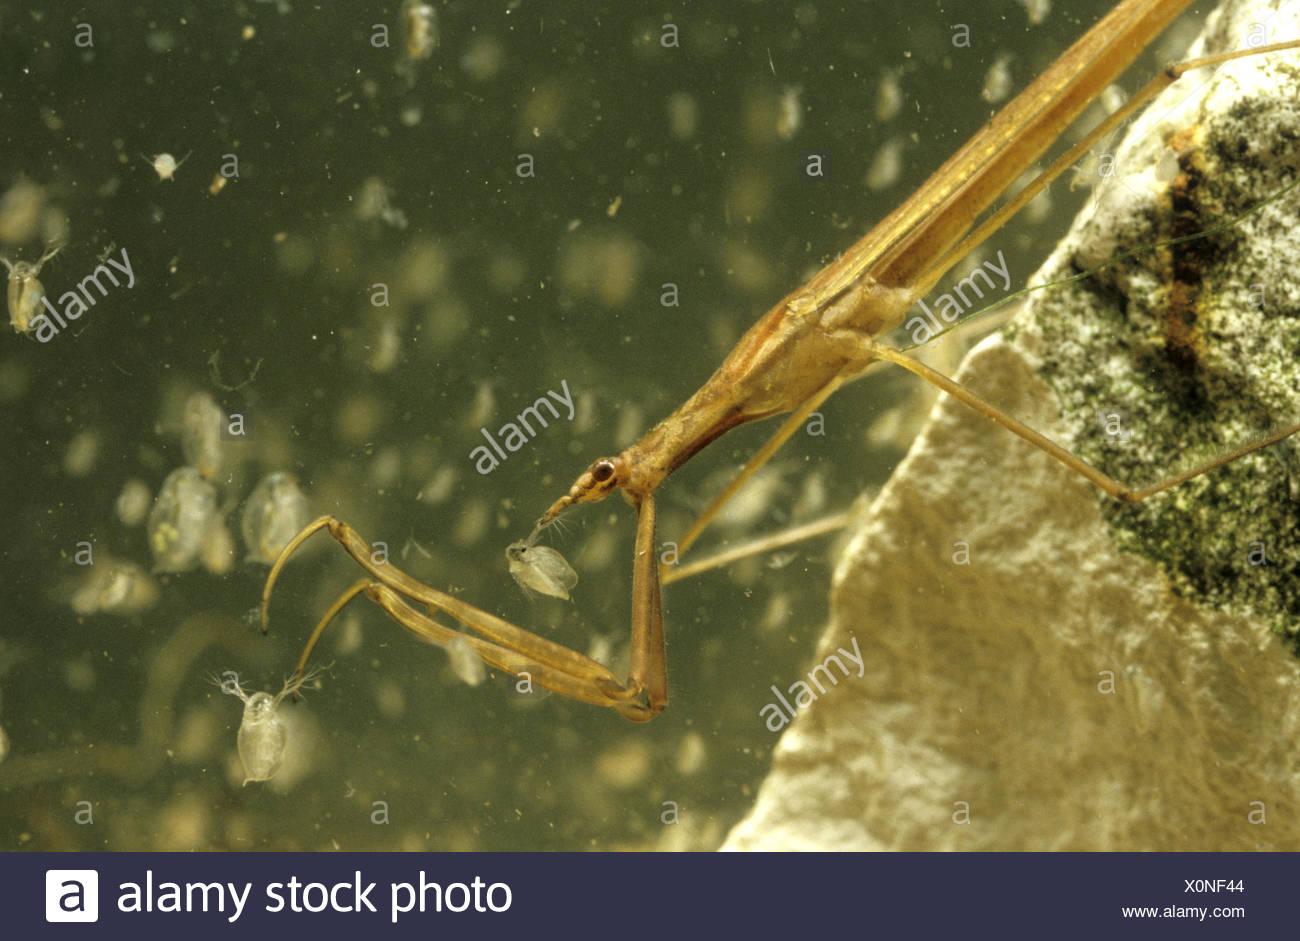 Insecto Palo de agua - Ranatra linearis Imagen De Stock